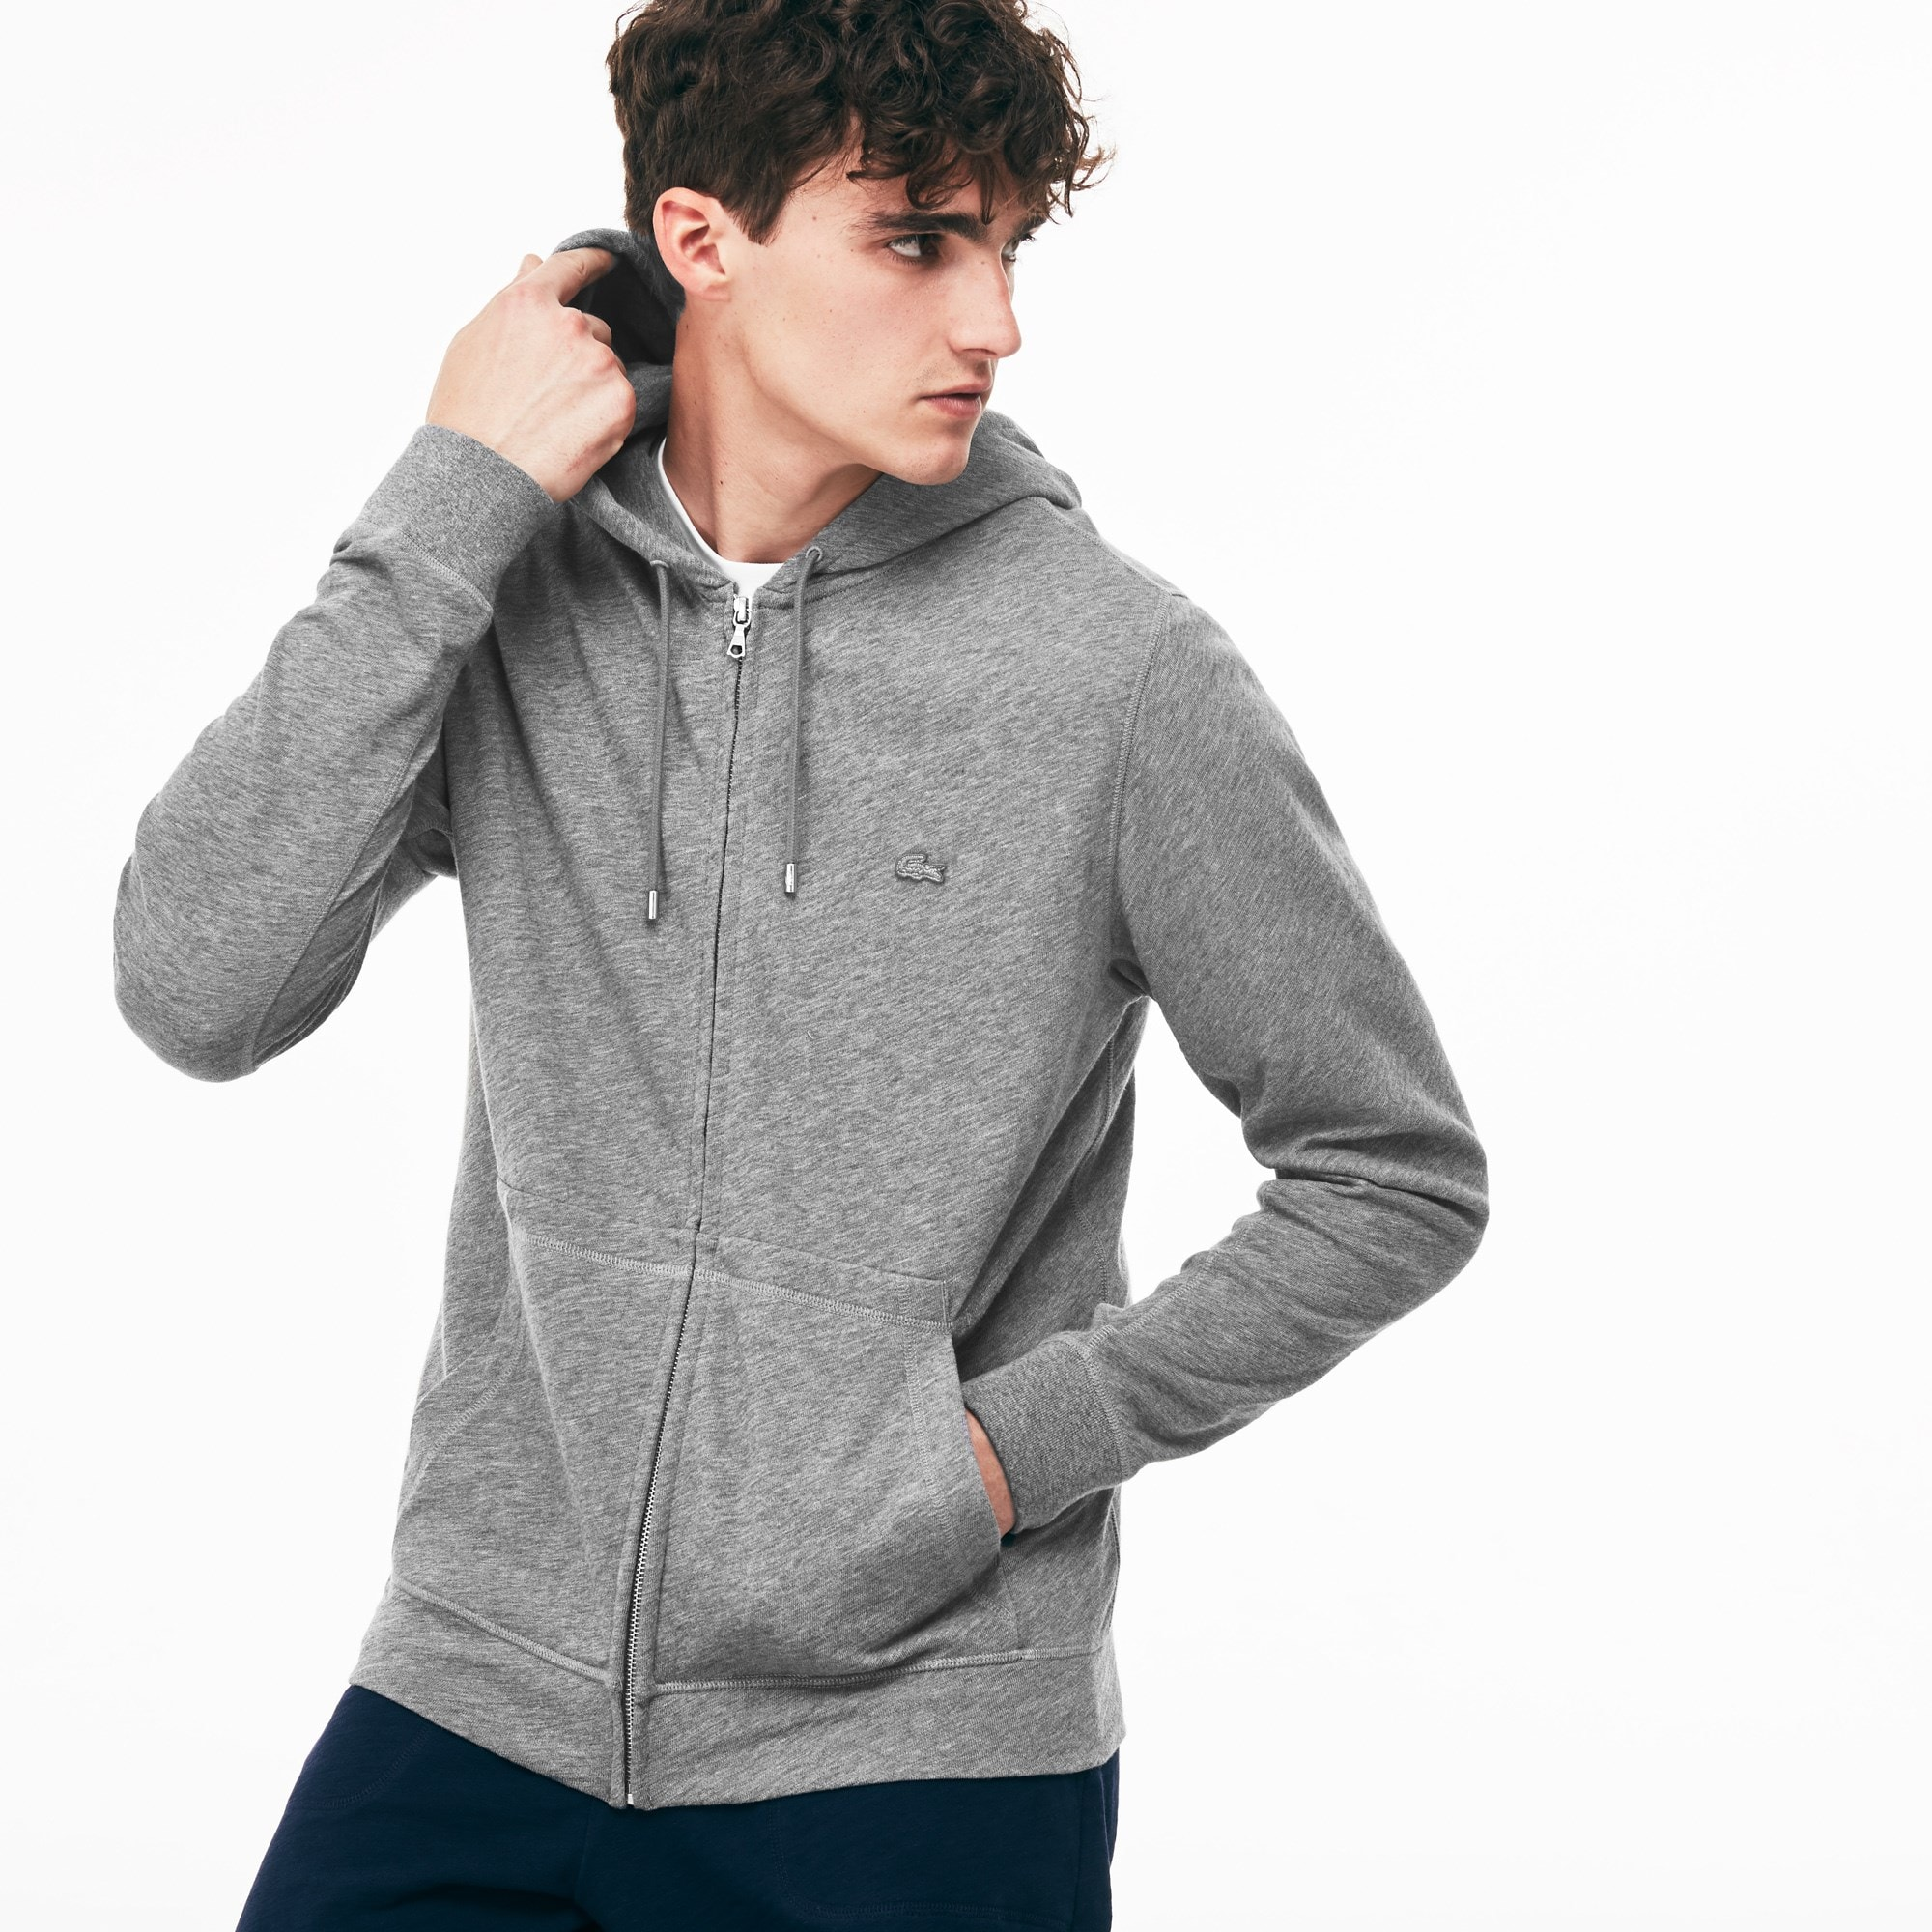 Sweatshirt com fecho de correr e capuz Lacoste MOTION em moletão de algodão unicolor